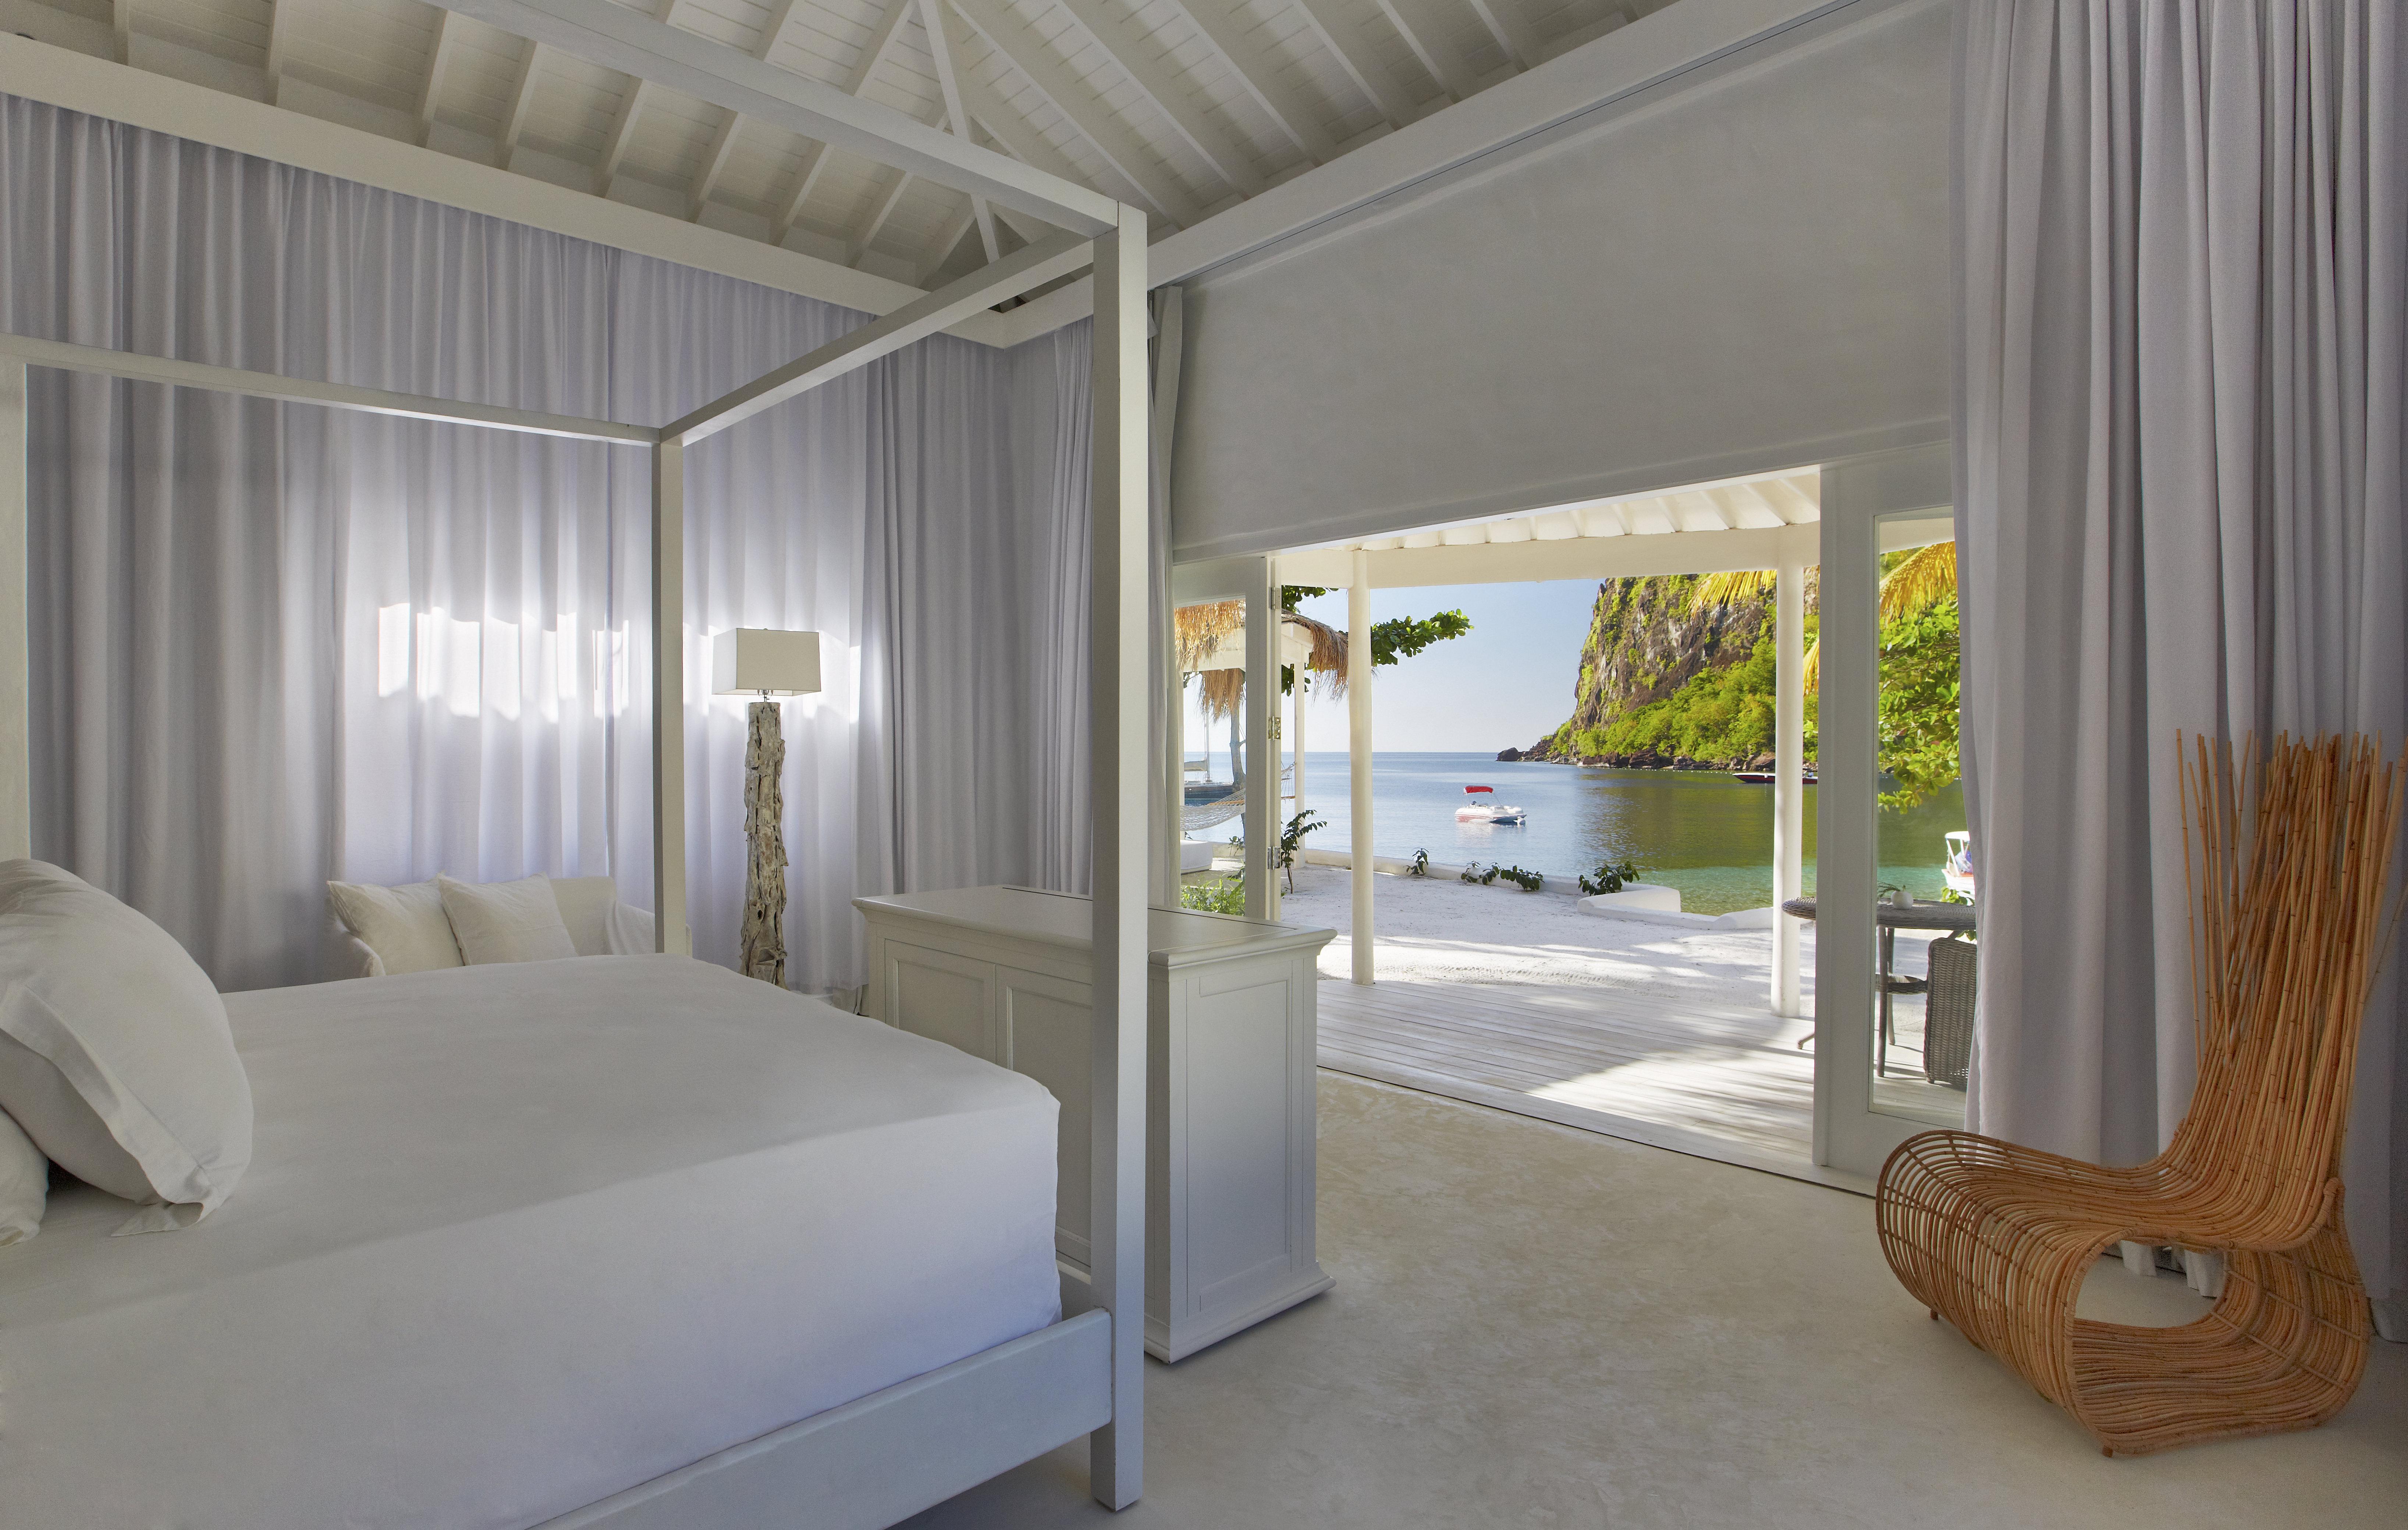 Luxury Beachfront Bungalow 2